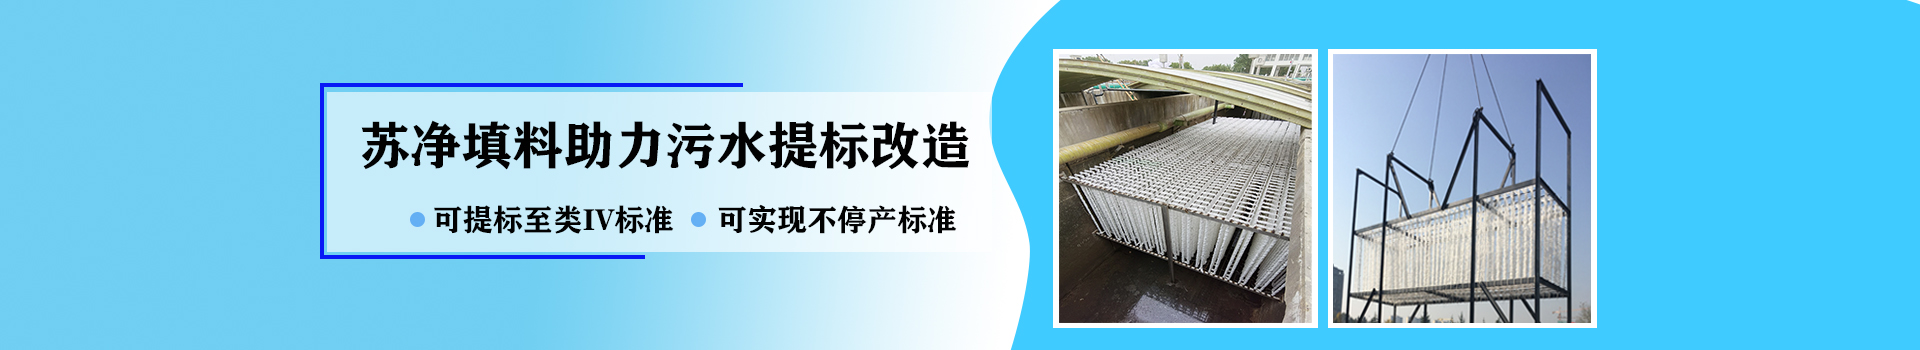 产品内页banner图修改版